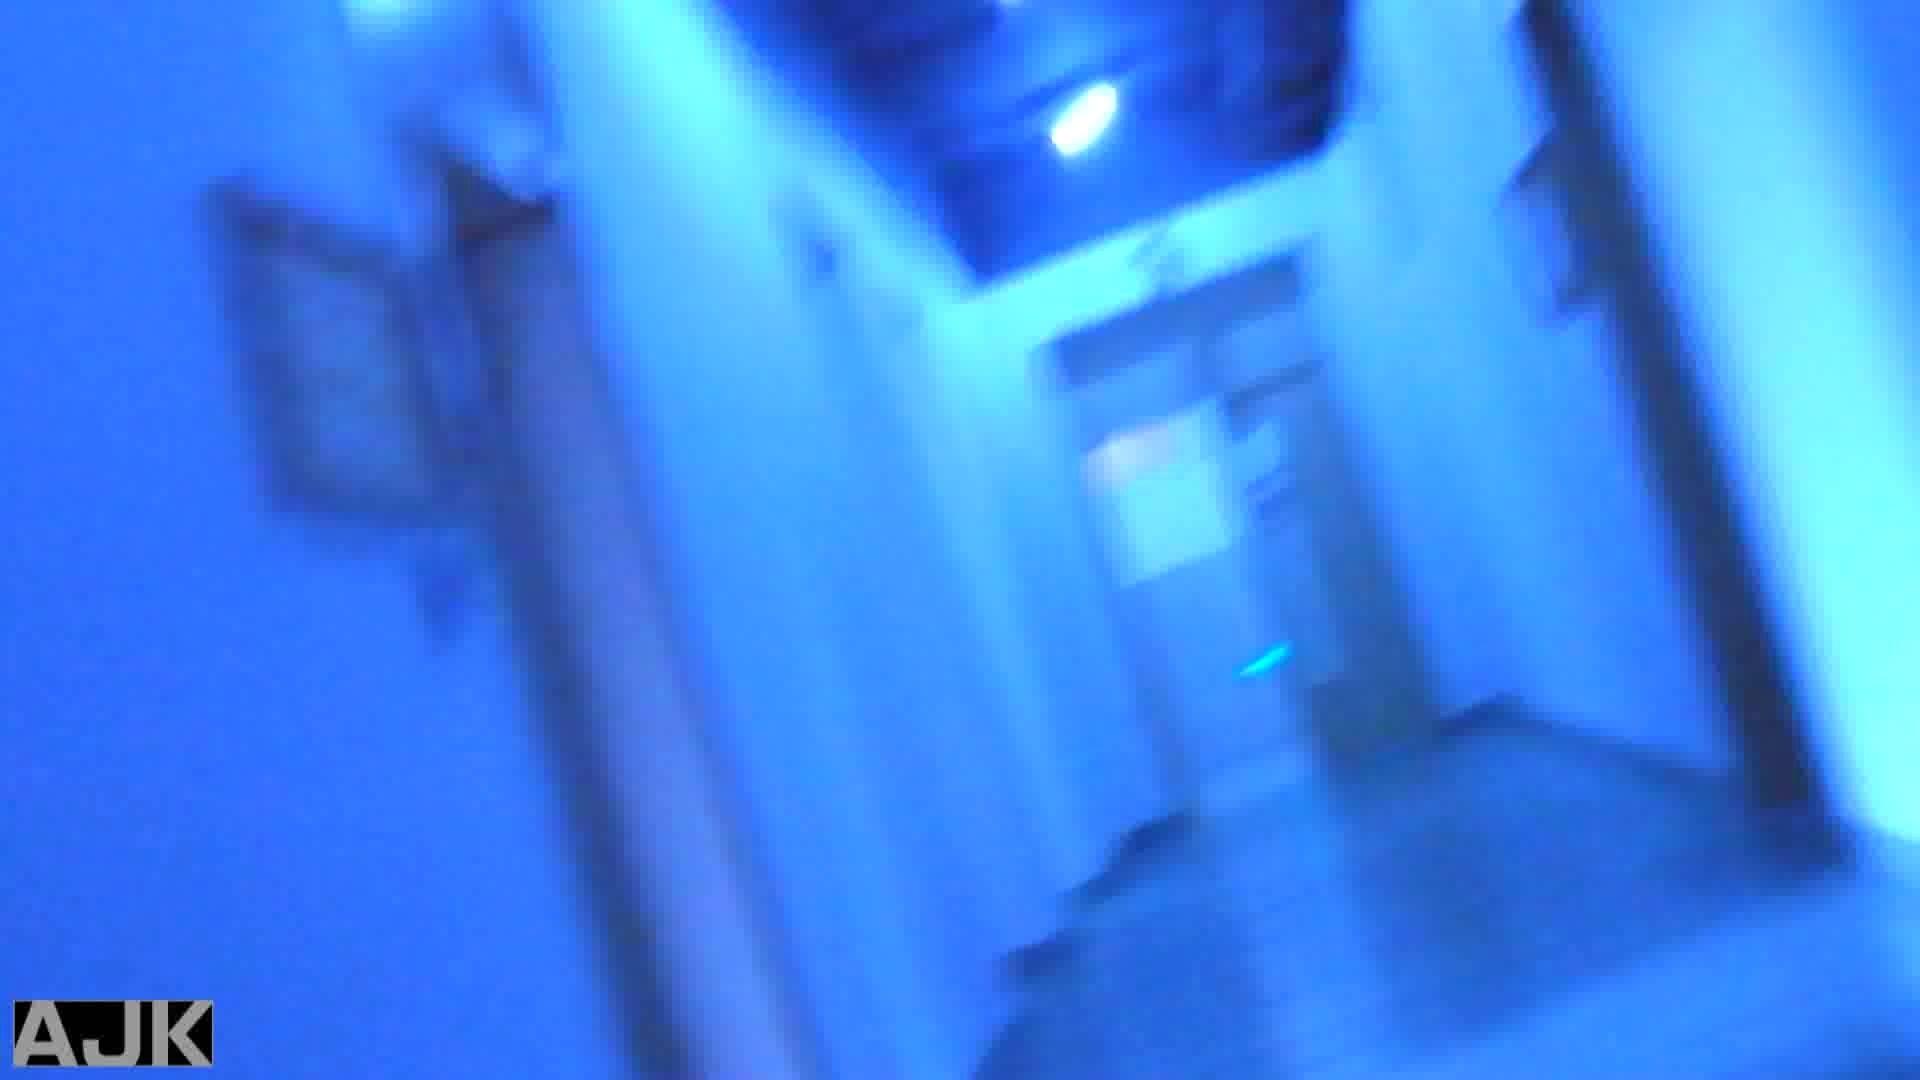 隣国上階級エリアの令嬢たちが集うデパートお手洗い Vol.07 女子トイレの中 濡れ場動画紹介 53画像 42